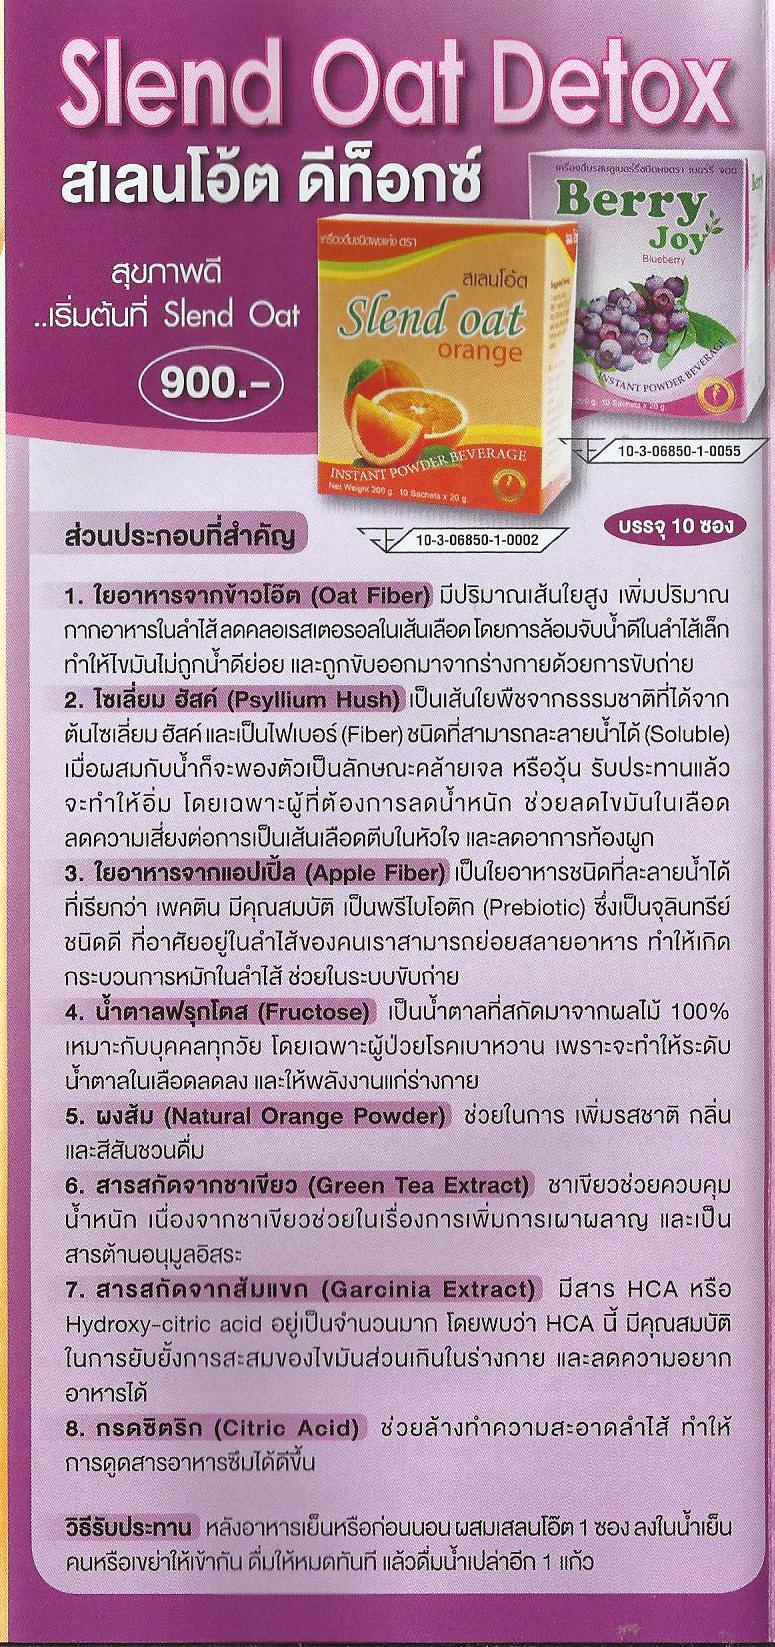 ลดน้ำหนัก สุขภาพดี slend oat detox